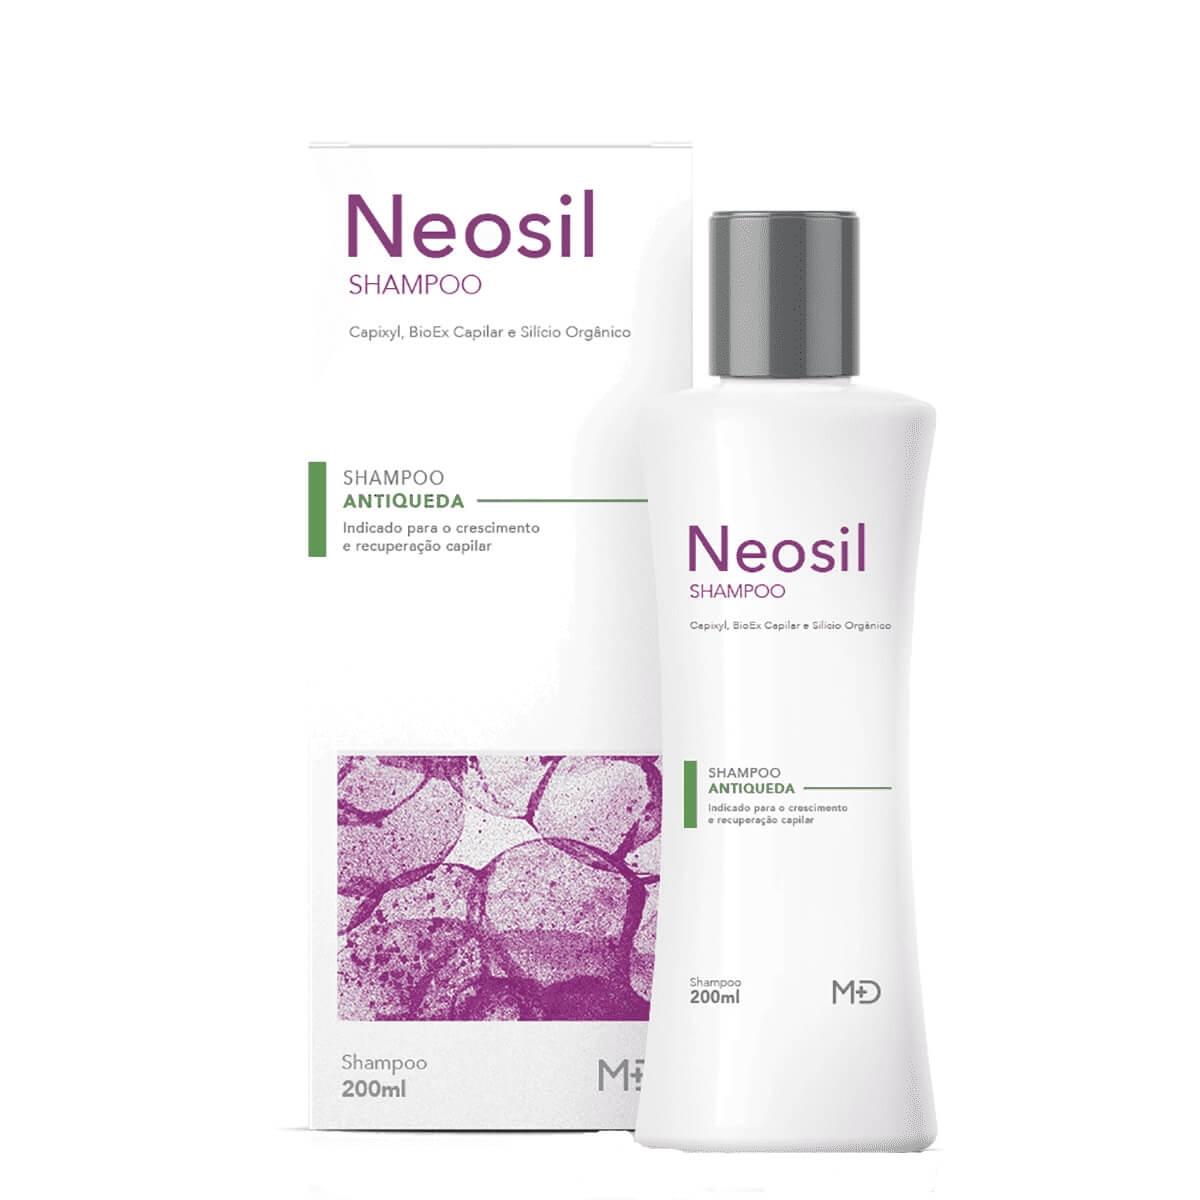 Shampoo Neosil Antiqueda com 200ml Germed 200ml